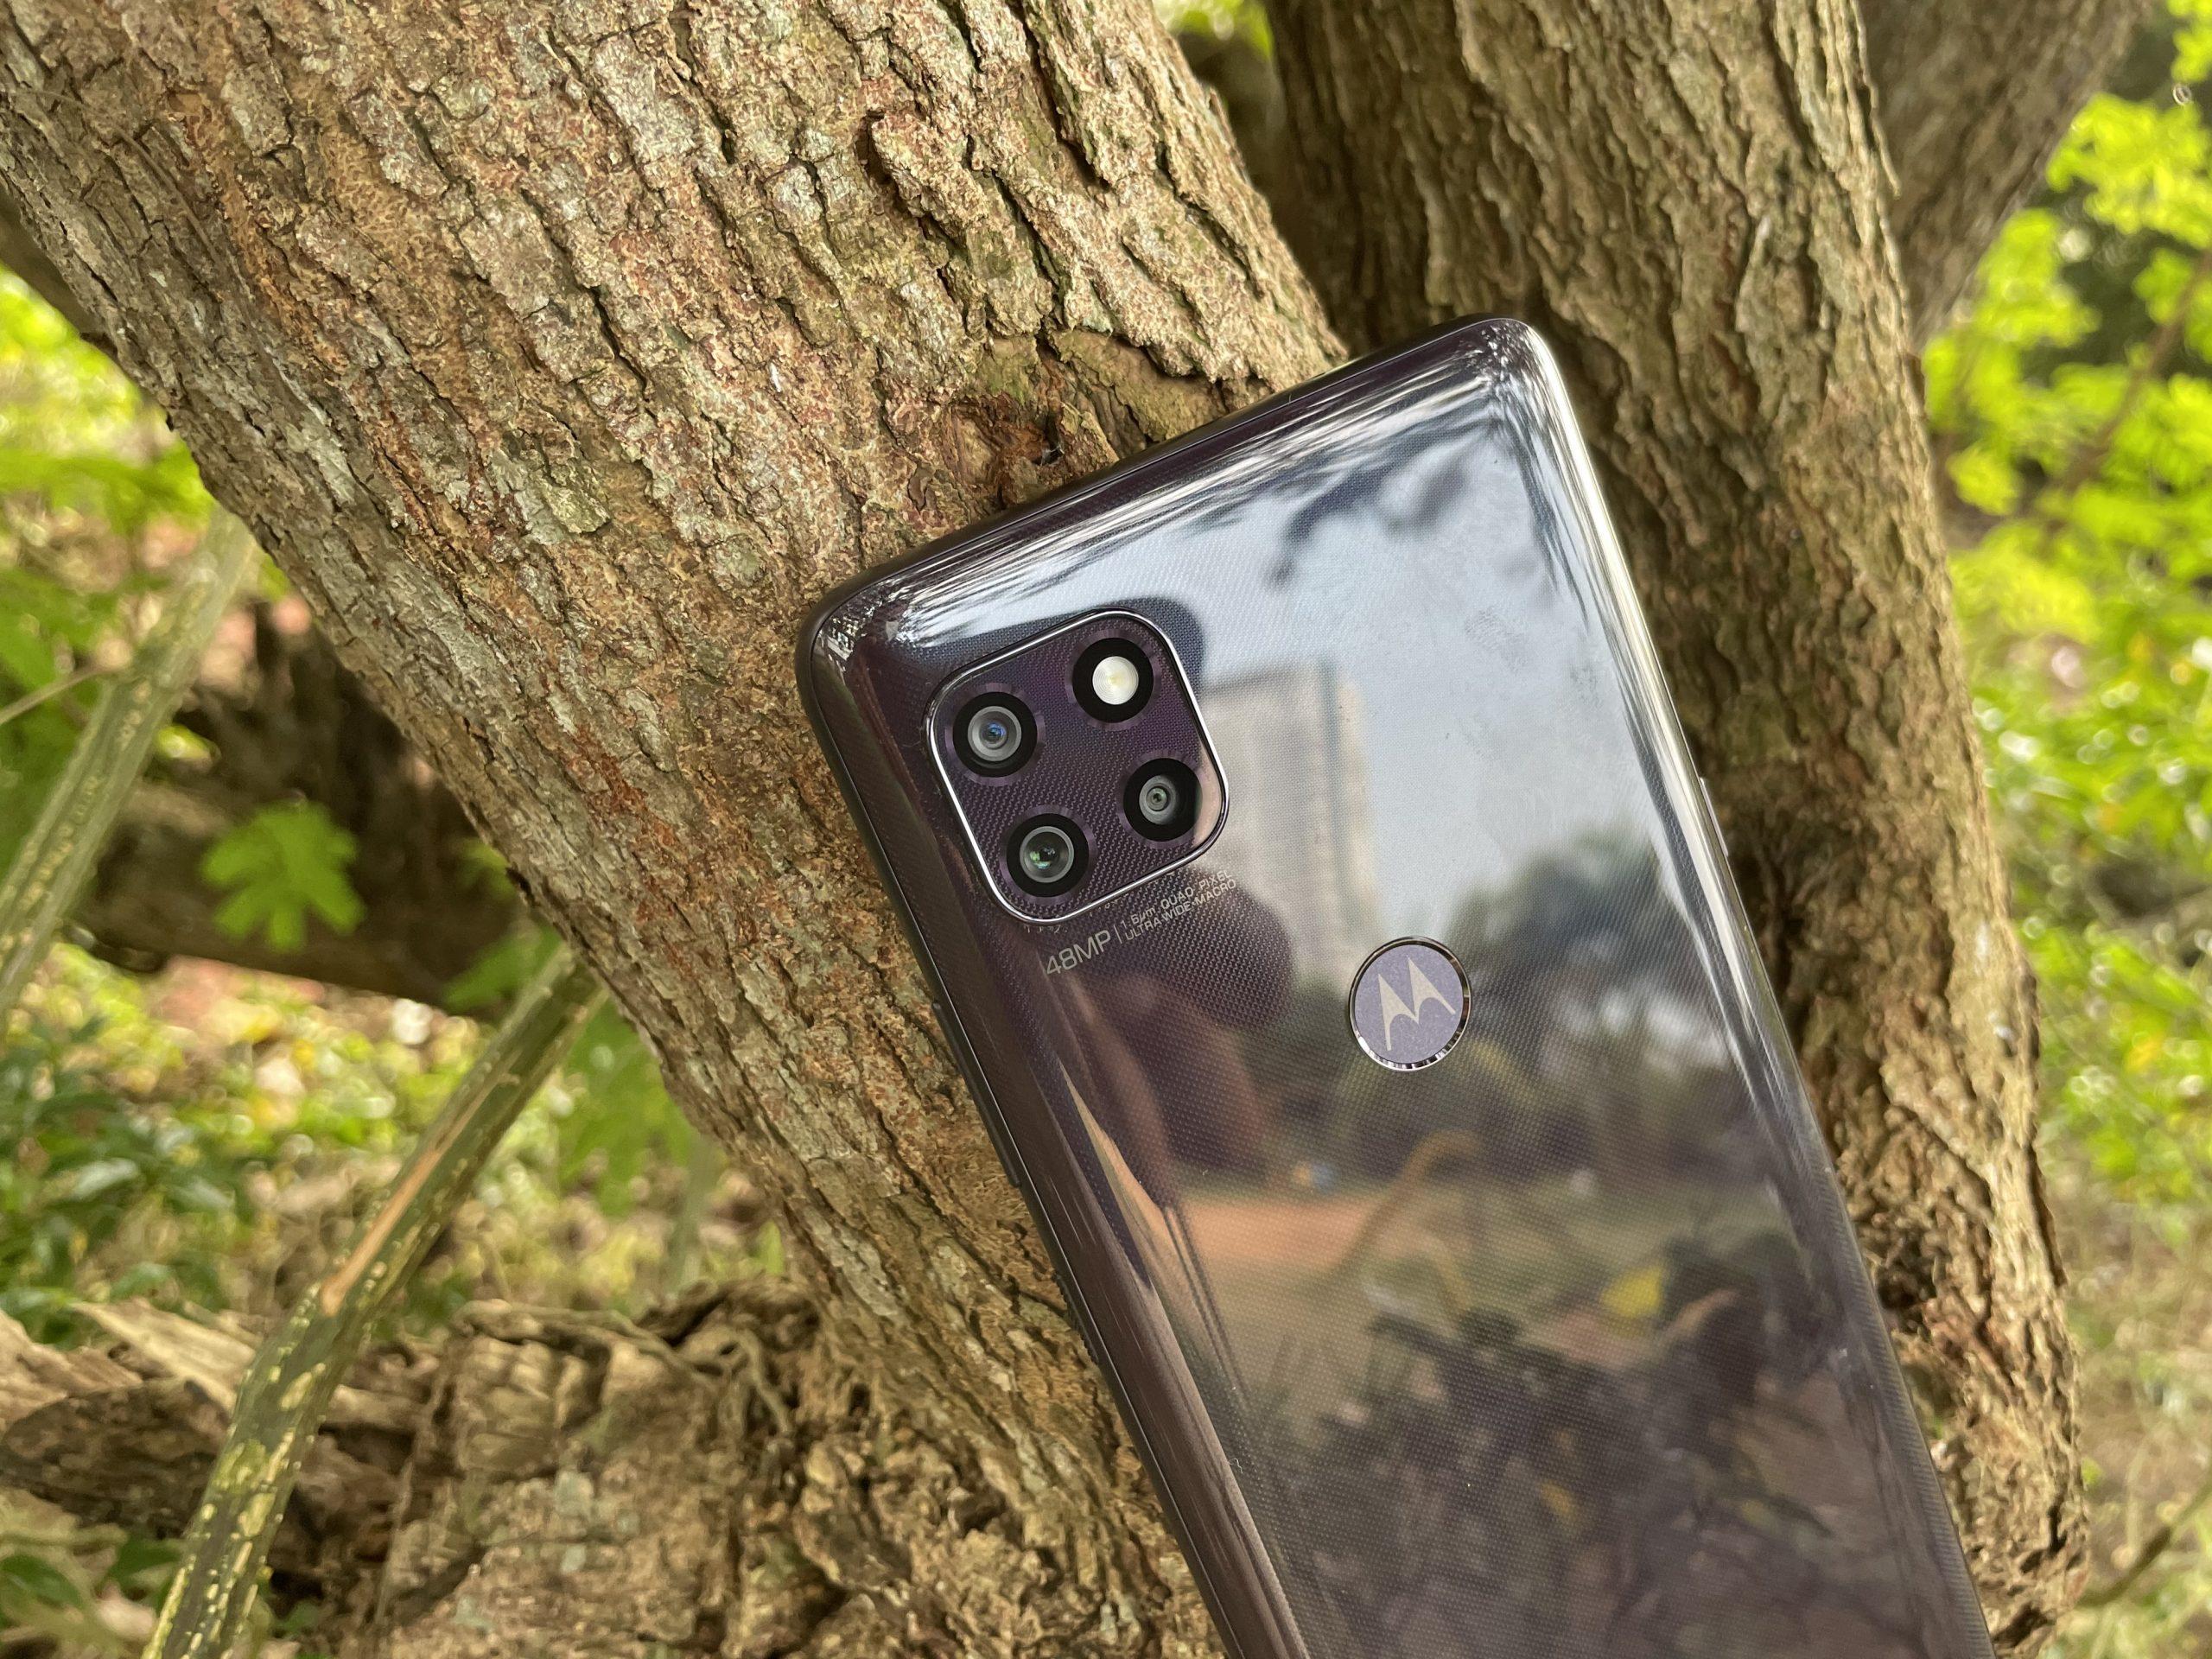 Moto G 5G Camera Review